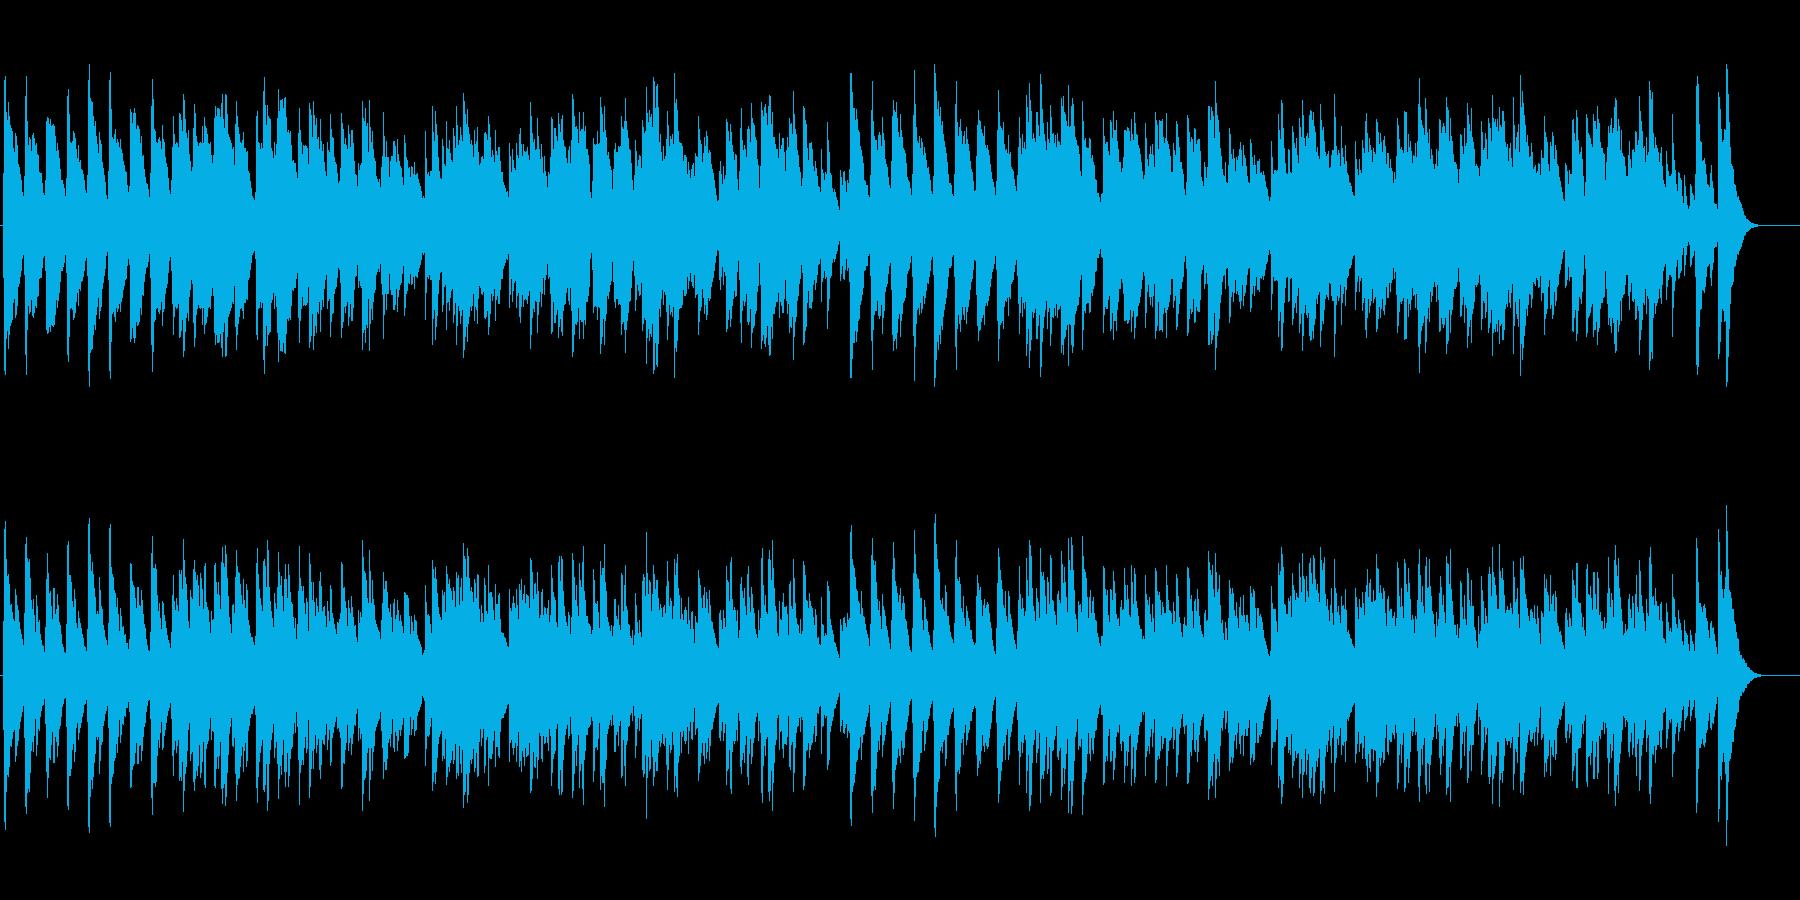 ずいずいずっころばしの再生済みの波形